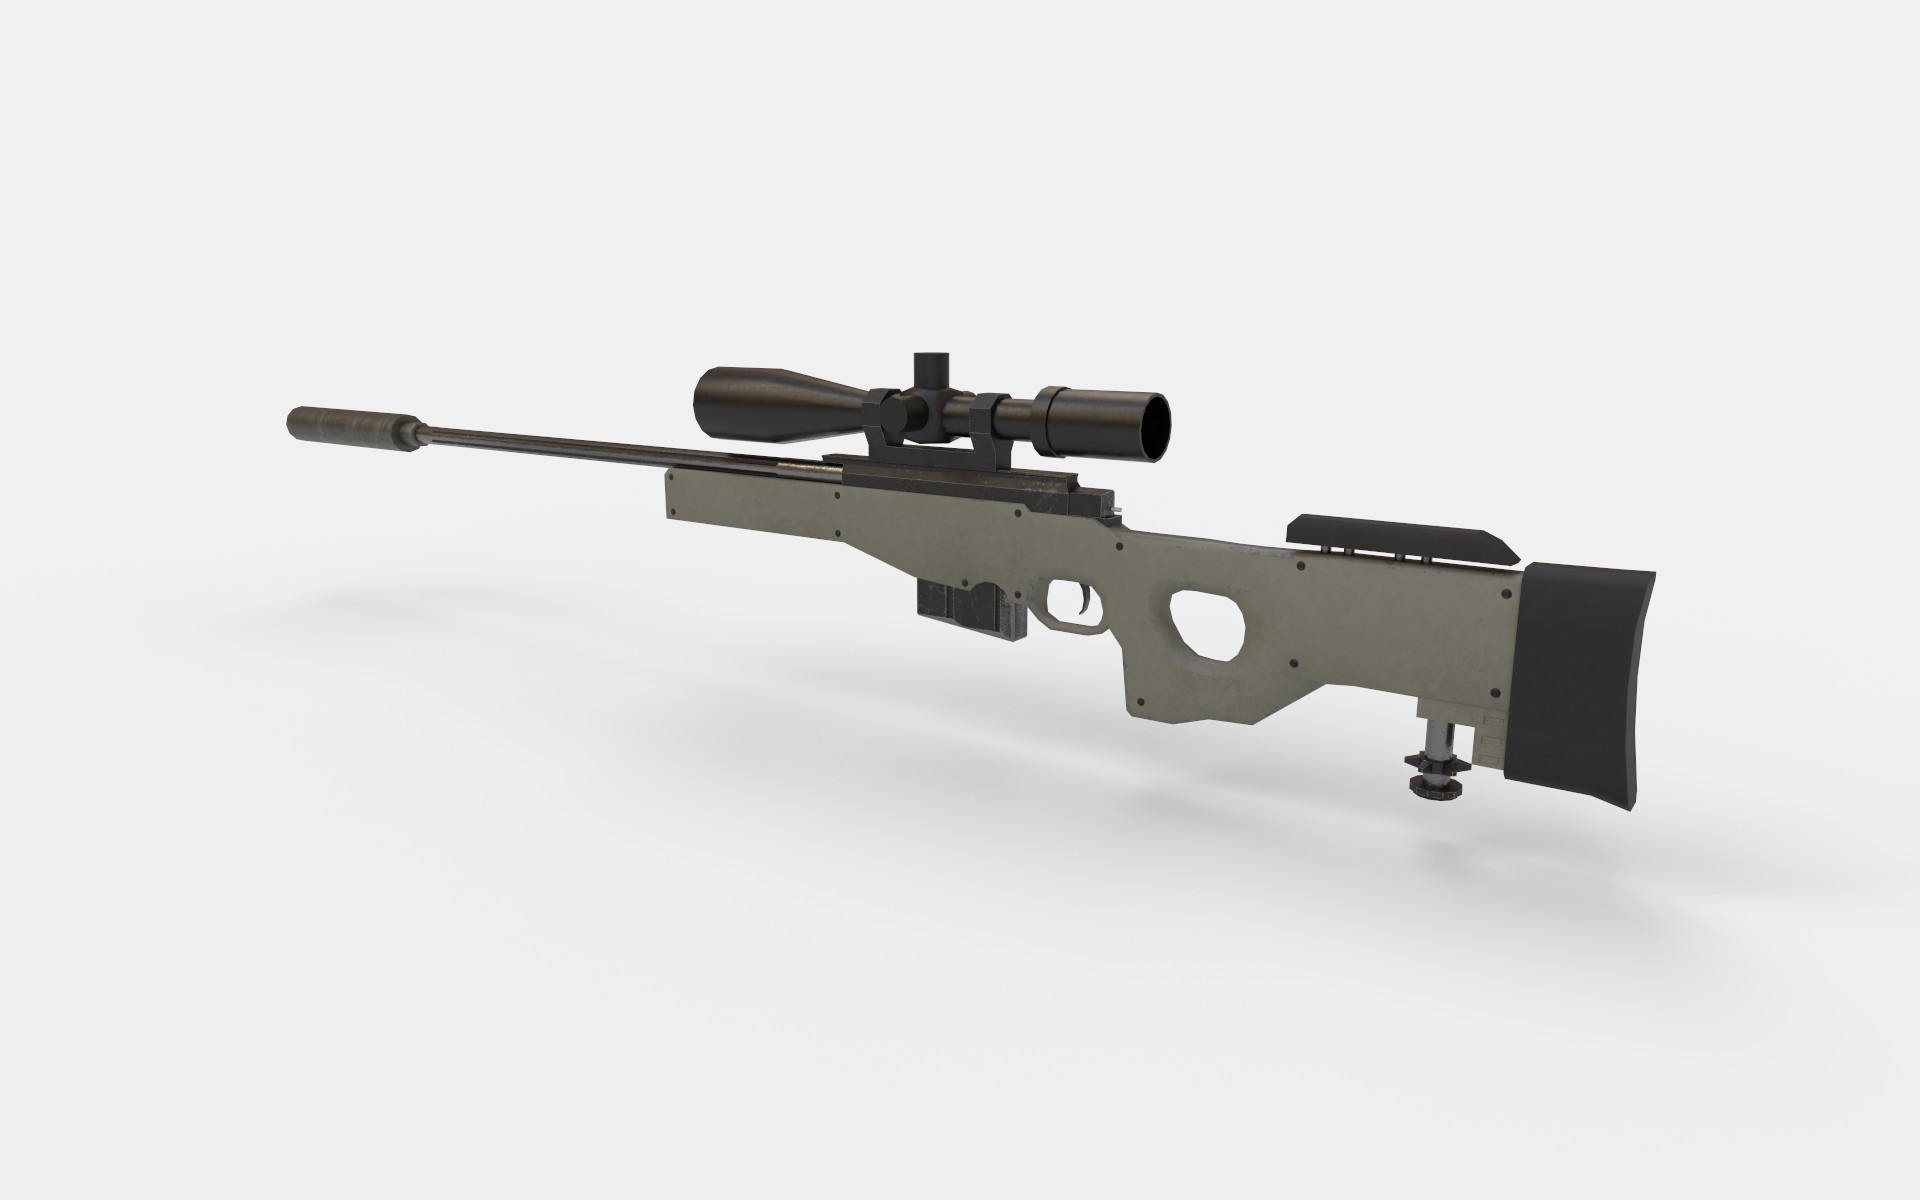 L115 Rifle